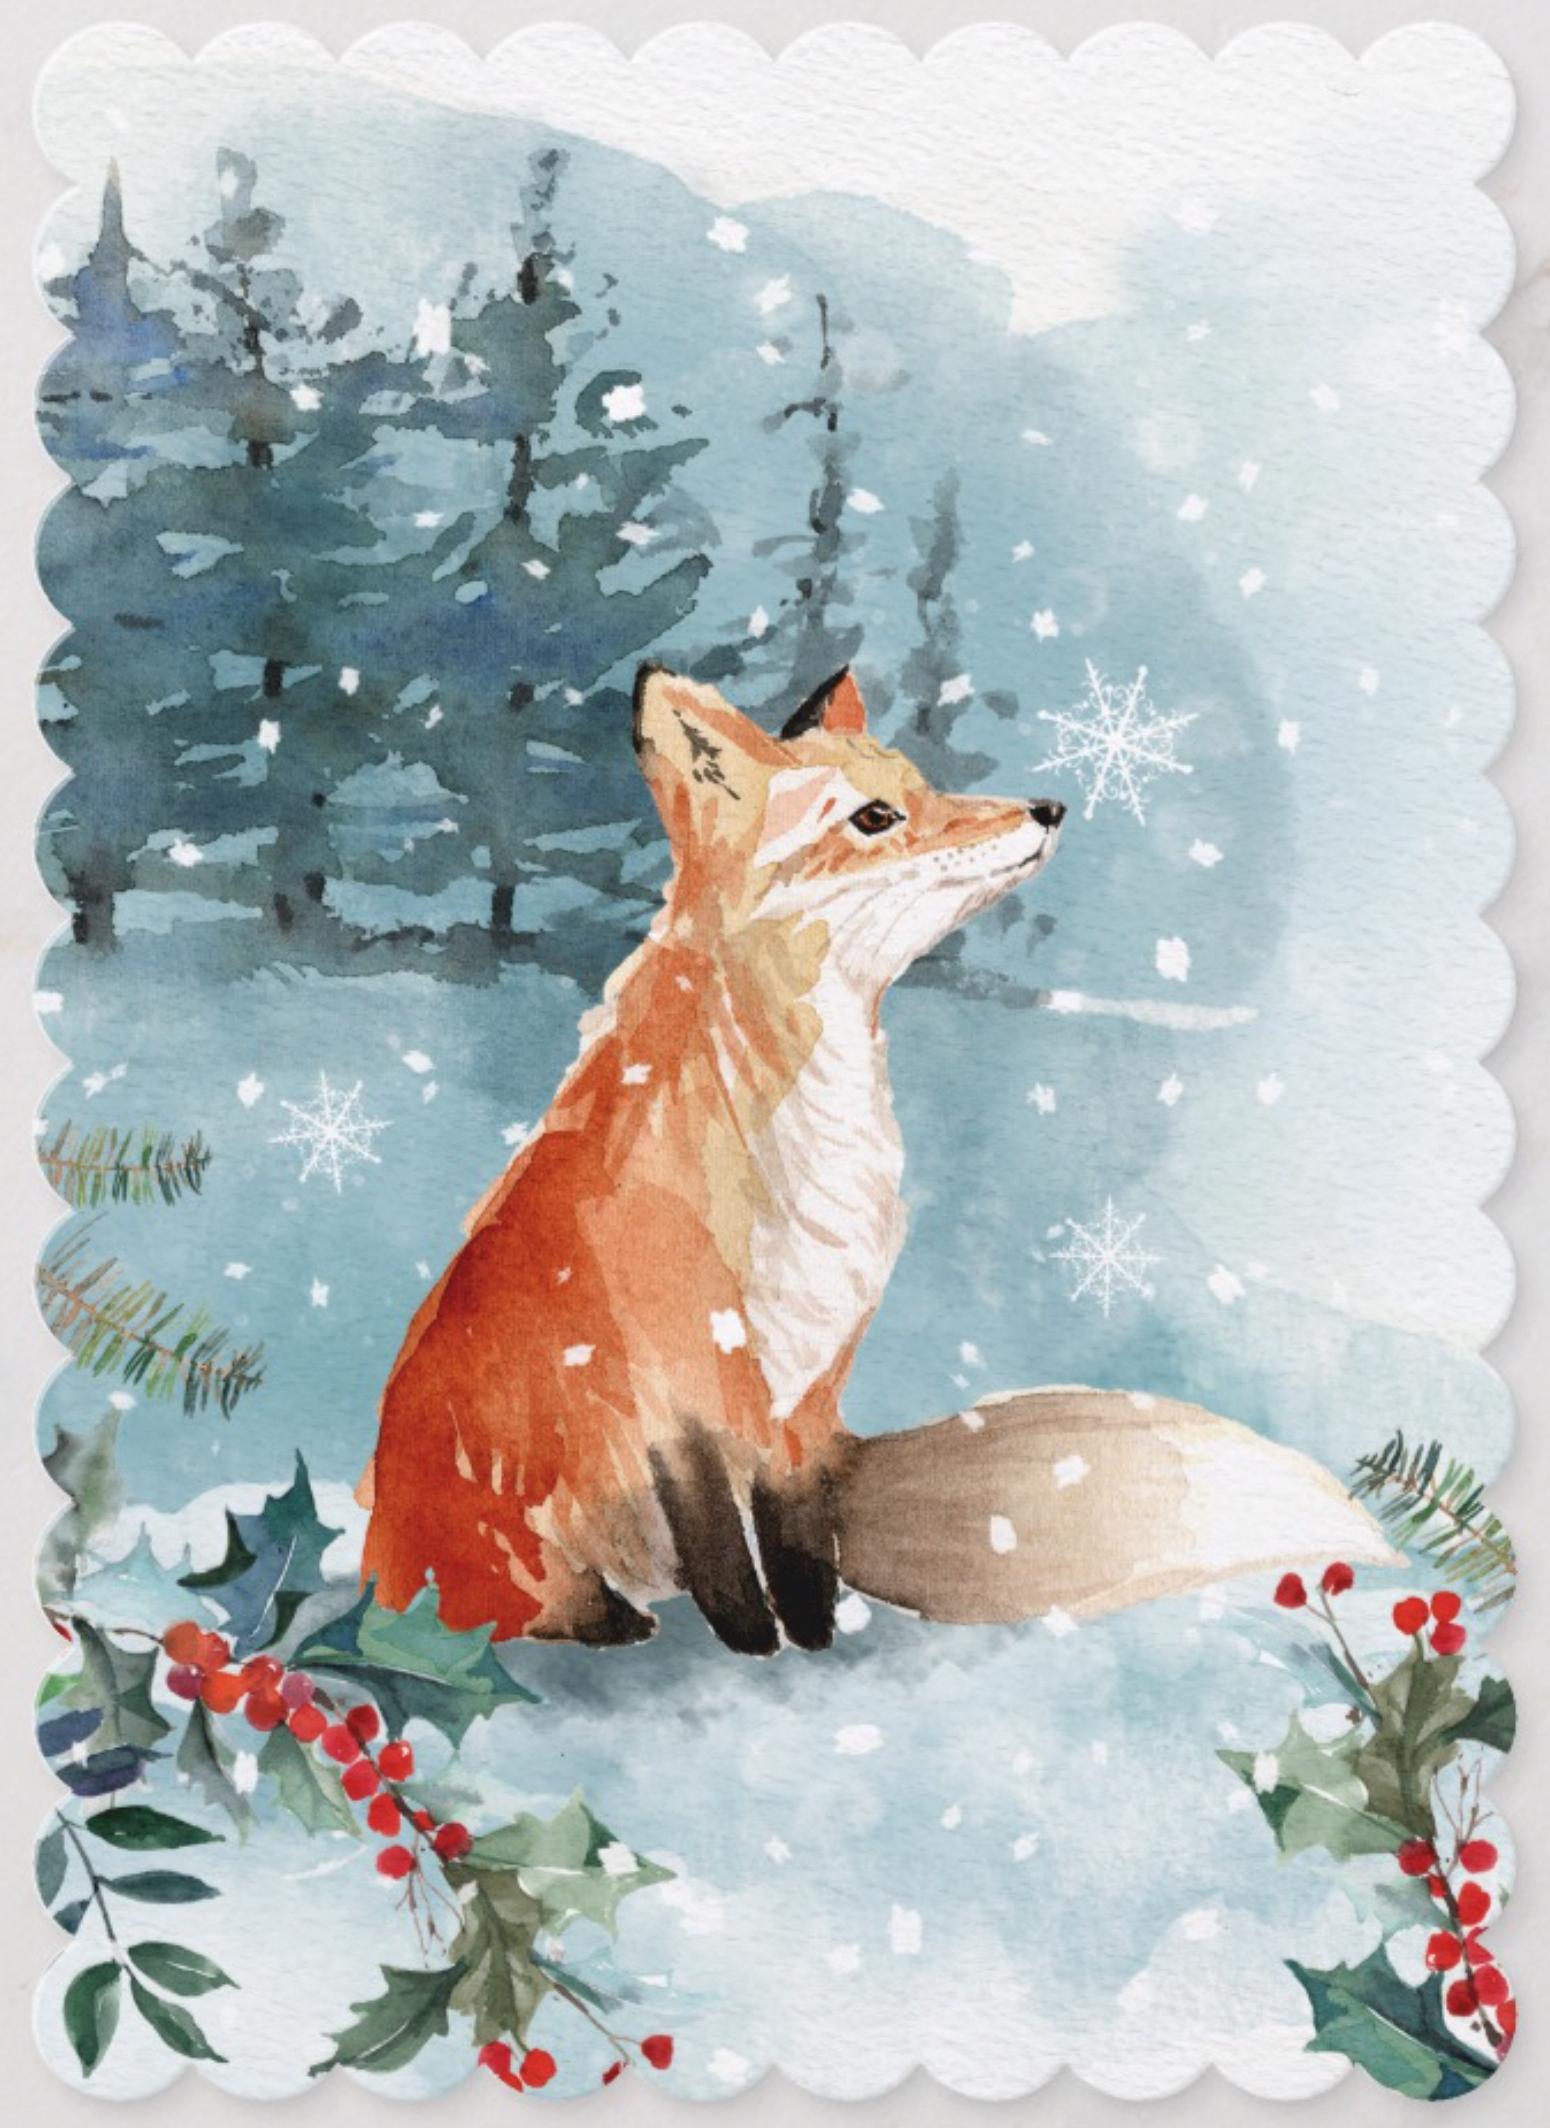 christmaspaintings in 2020 Christmas watercolor